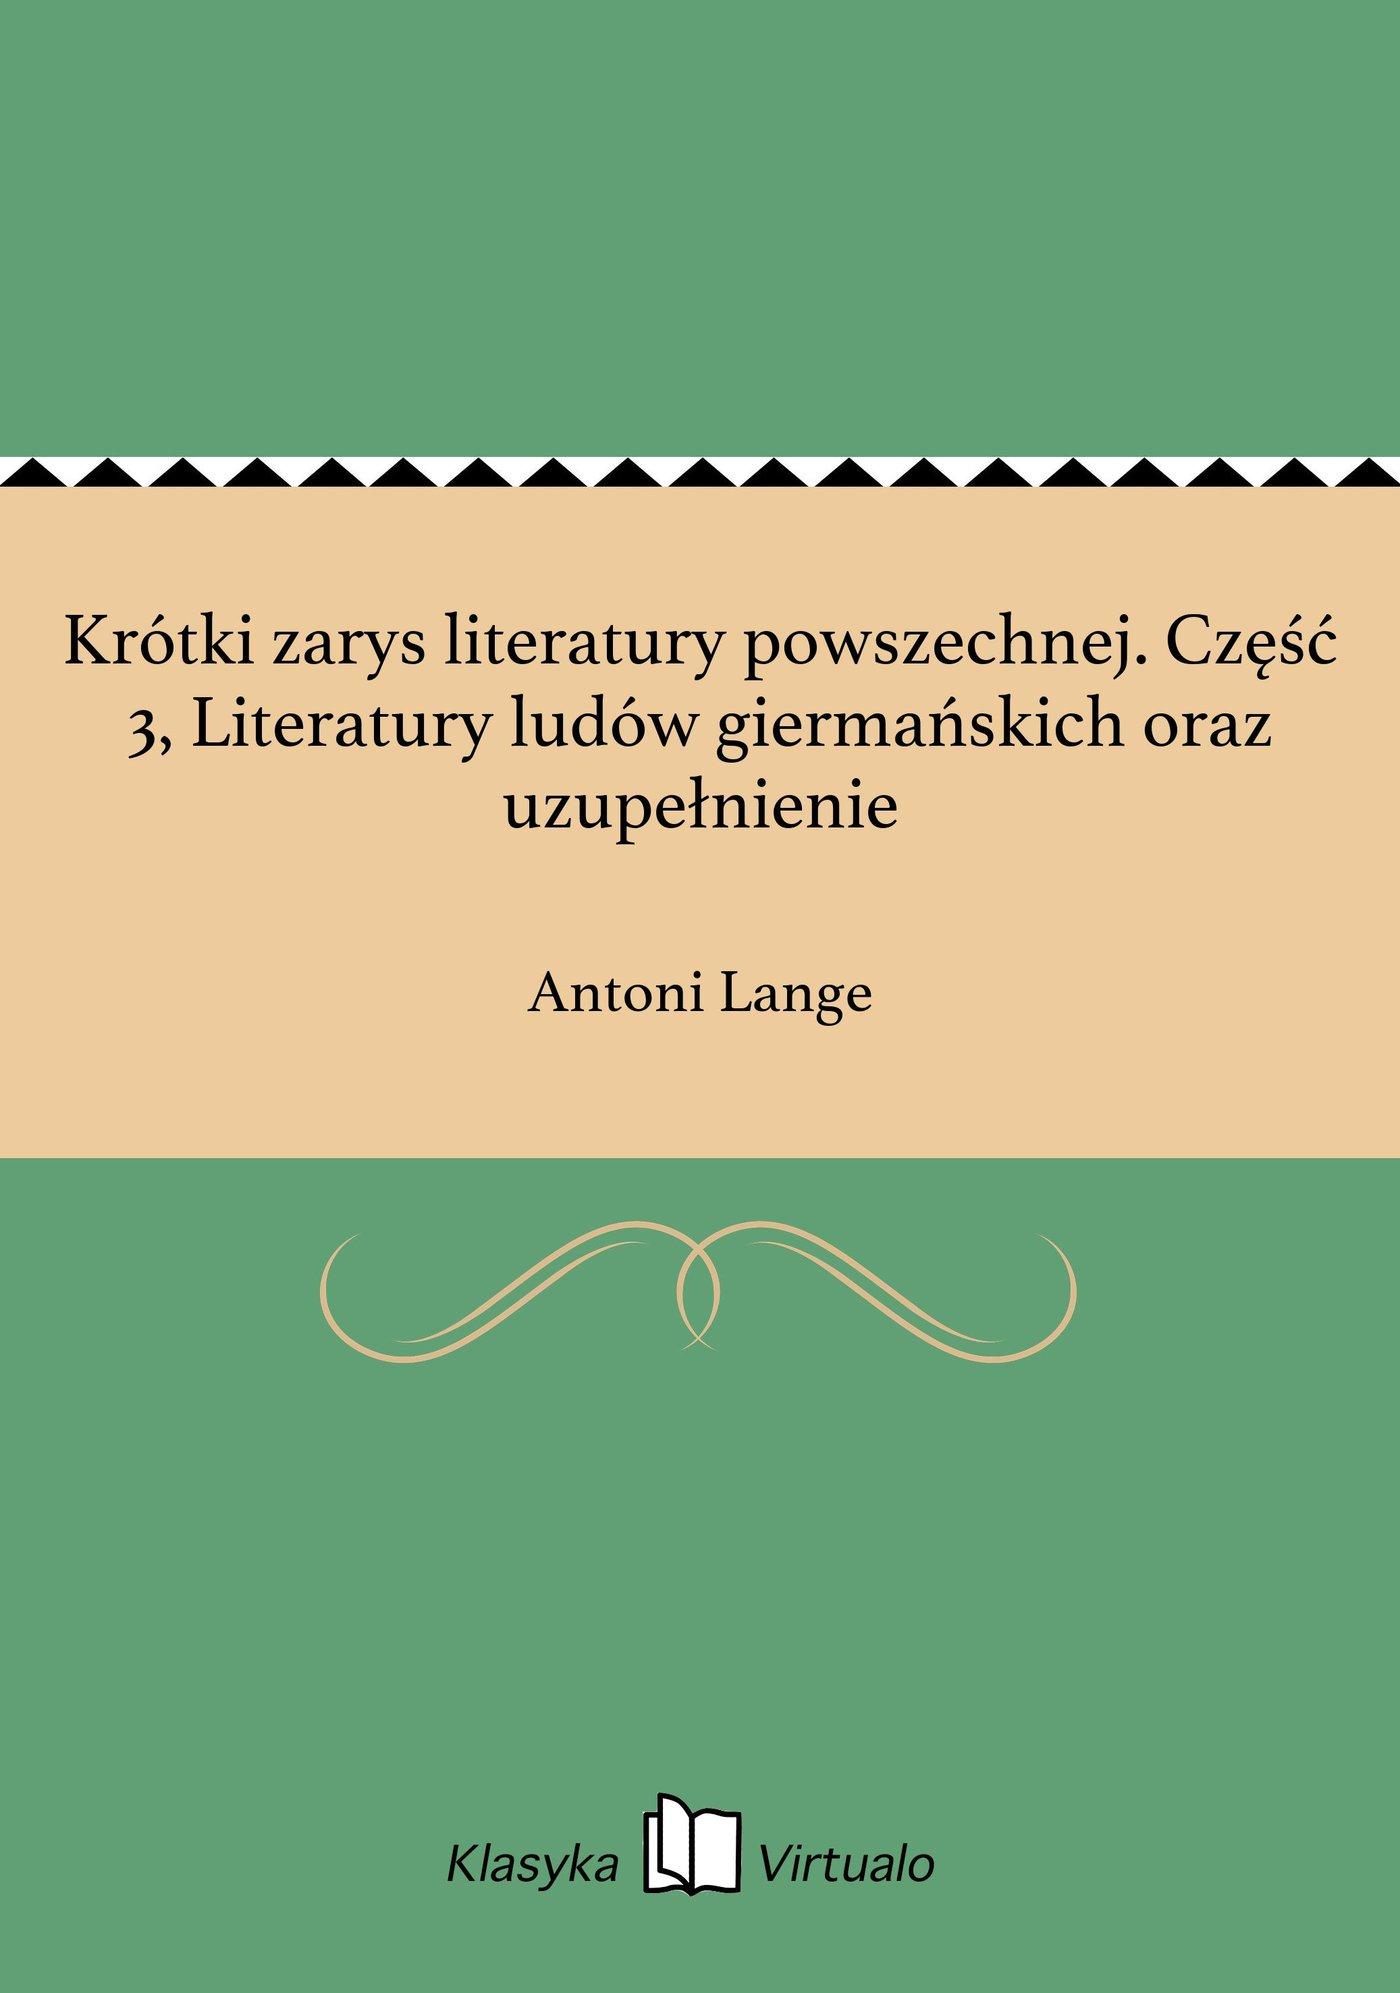 Krótki zarys literatury powszechnej. Część 3, Literatury ludów giermańskich oraz uzupełnienie - Ebook (Książka EPUB) do pobrania w formacie EPUB